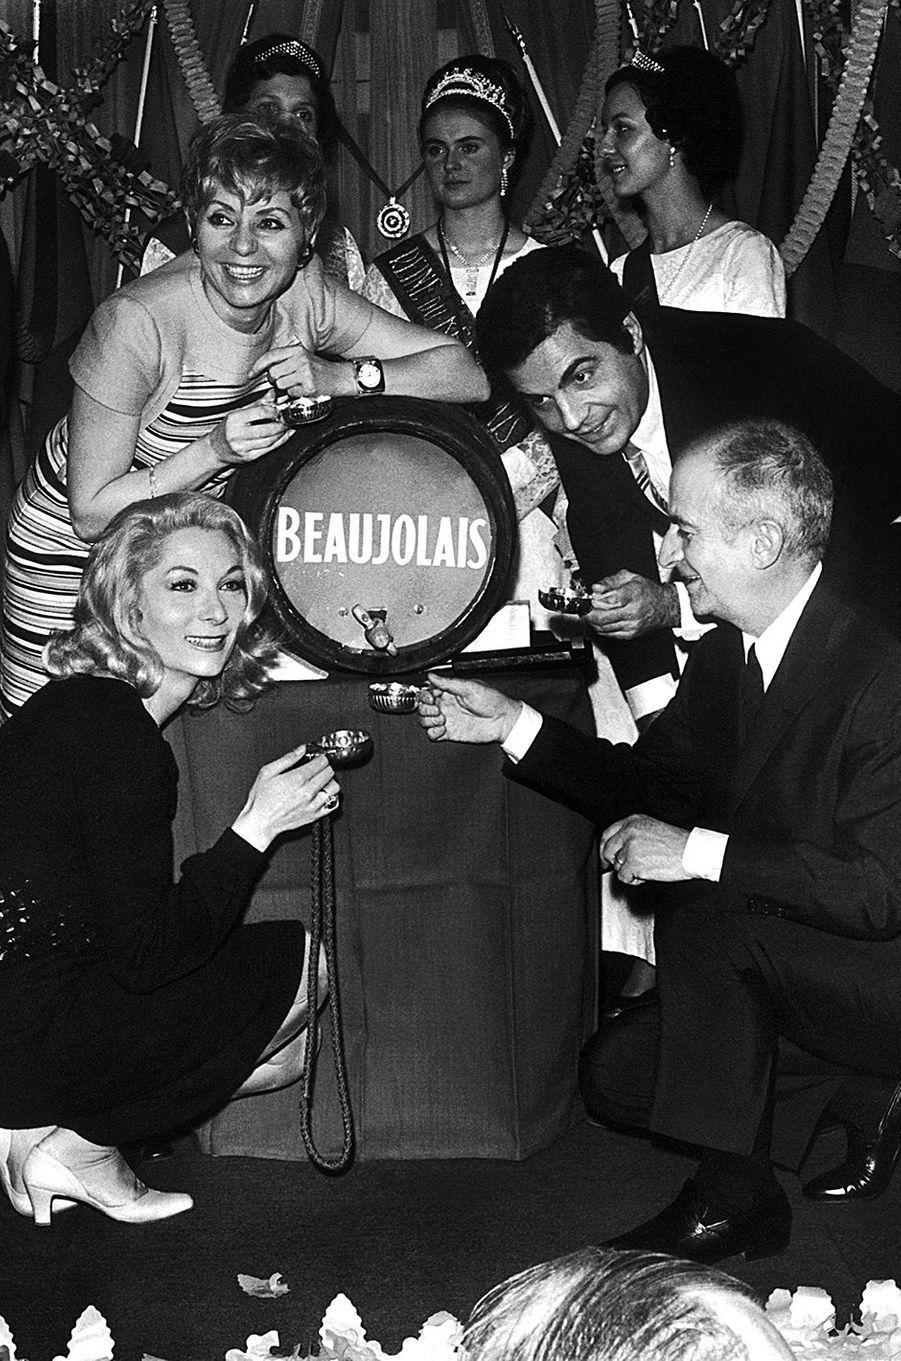 Claude Gensac, Annie Cordy, Roger Pierre et Louis de Funès fêtent le Beaujolais Nouveau en décembre 1968.